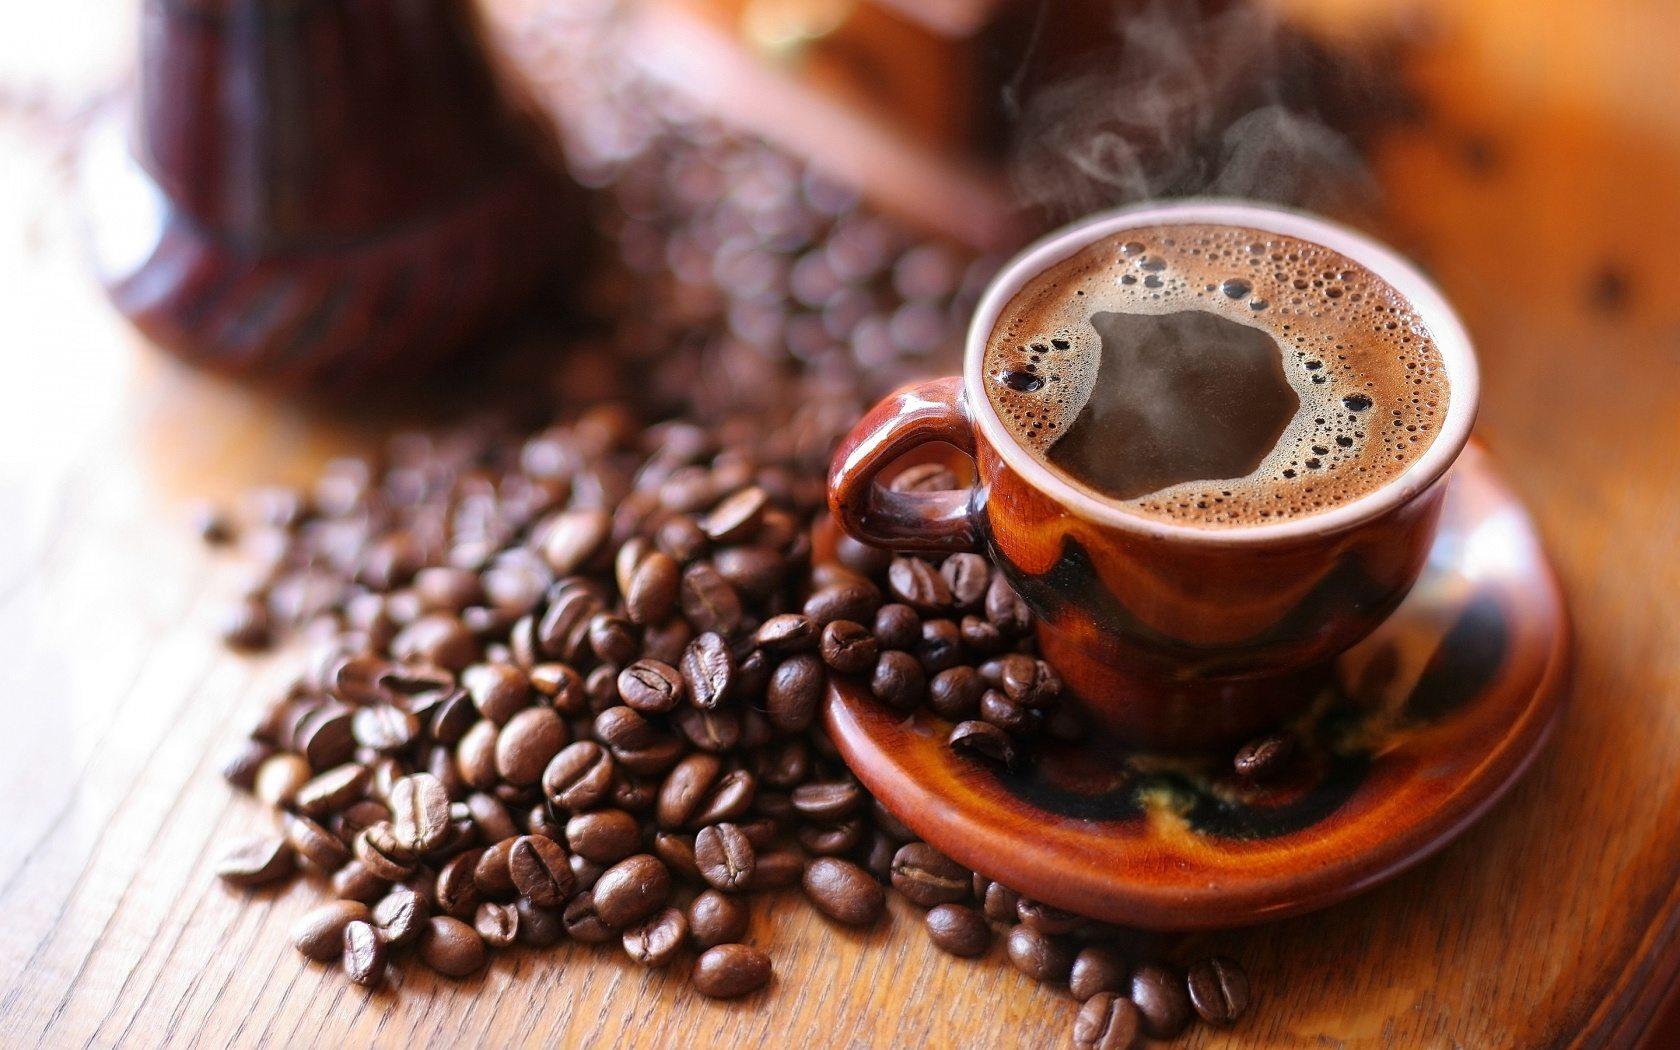 Свежеобжаренный кофе: преимущества и полезные свойства